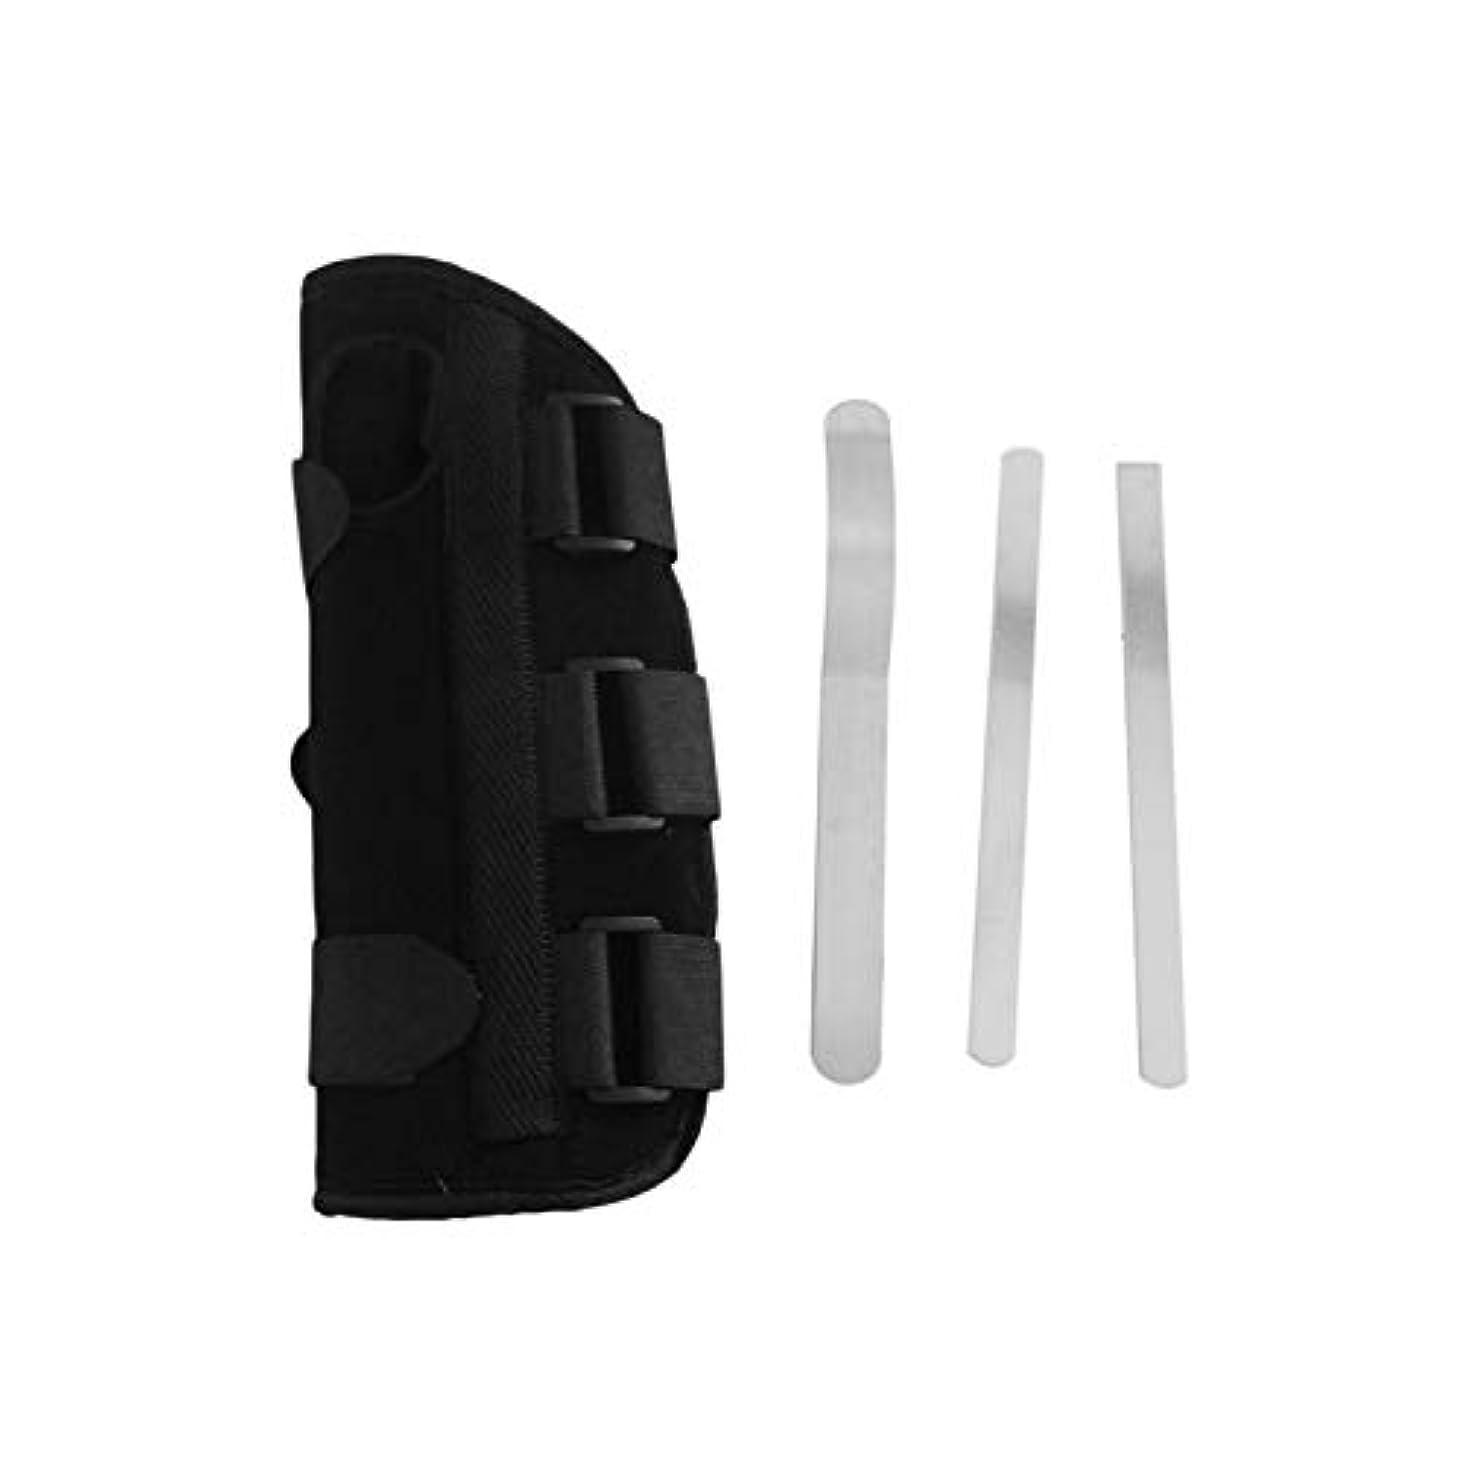 悲惨責費やす手首副木ブレース保護サポートストラップカルペルトンネルCTS RSI痛み軽減取り外し可能な副木快適な軽量ストラップ - ブラックS